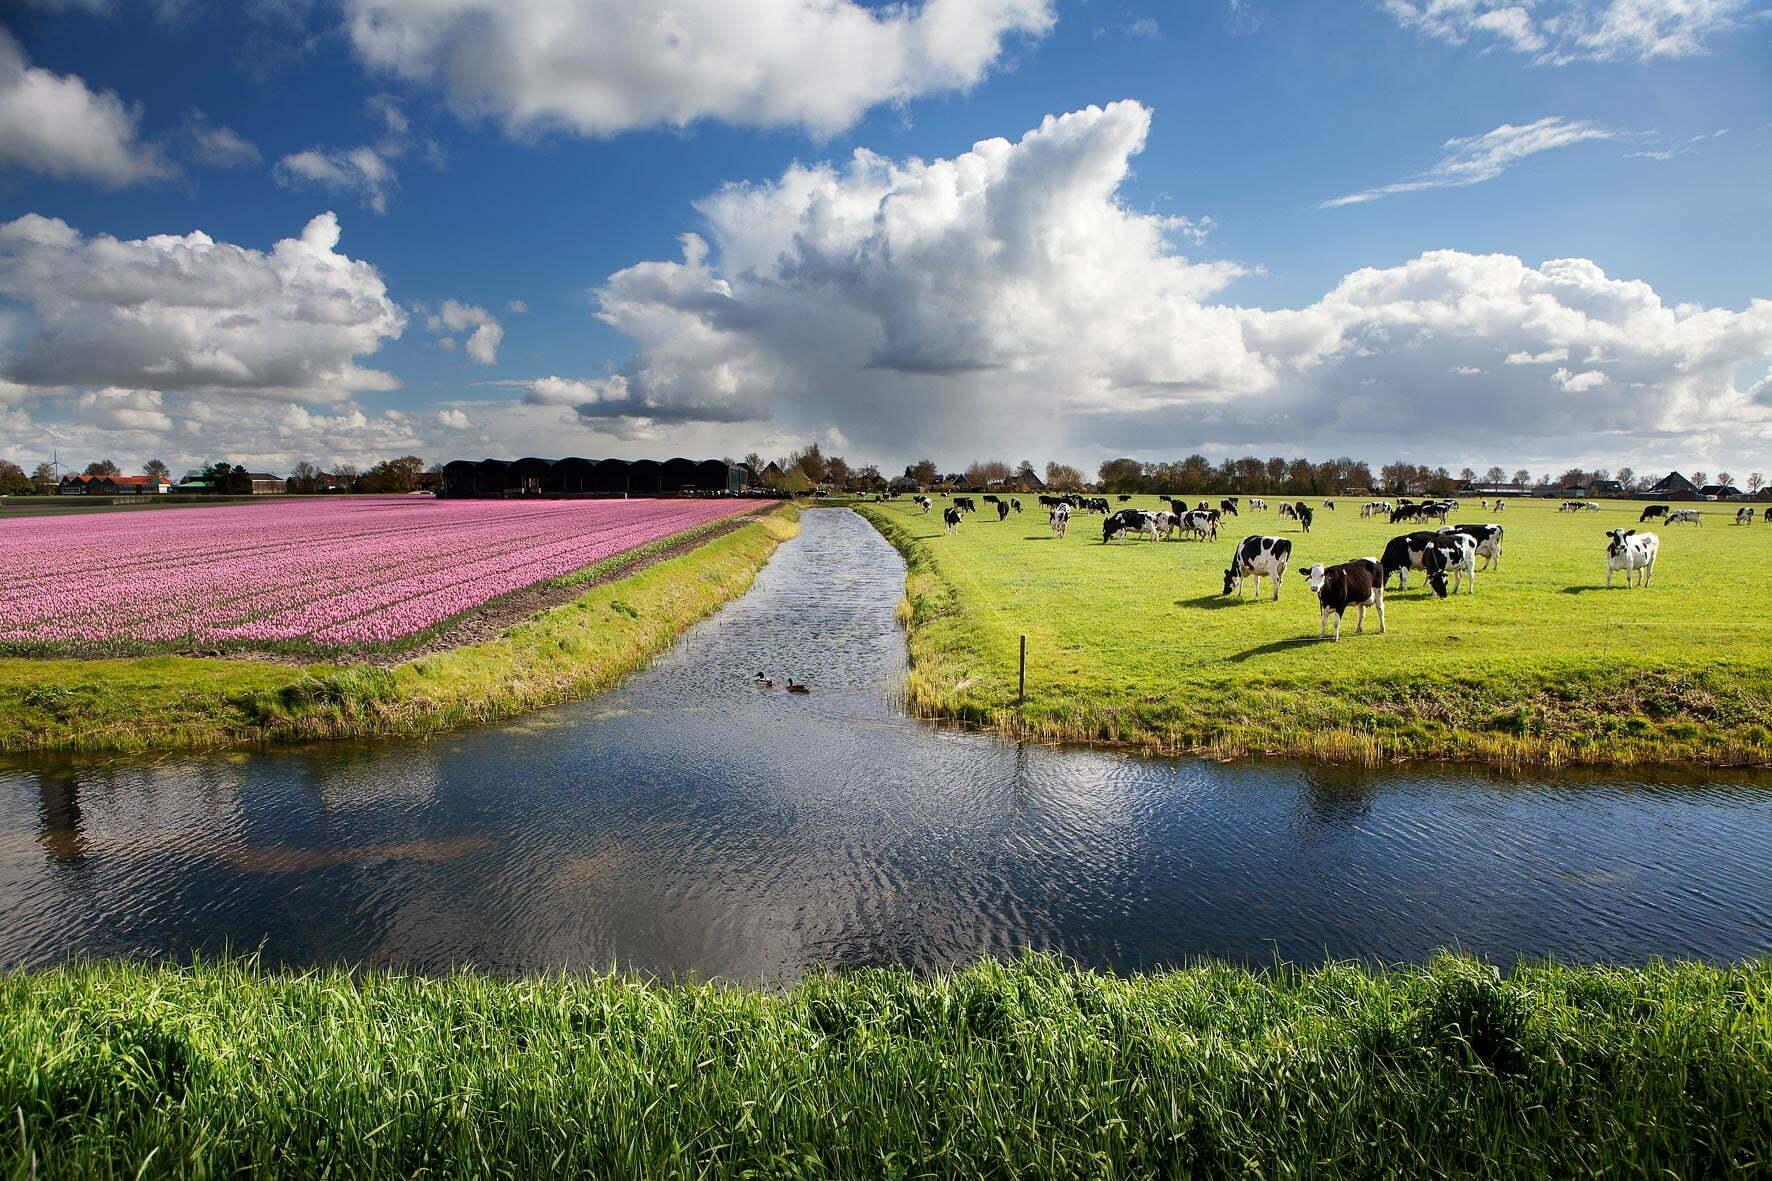 Duurzame zuivel van koeien in de wei